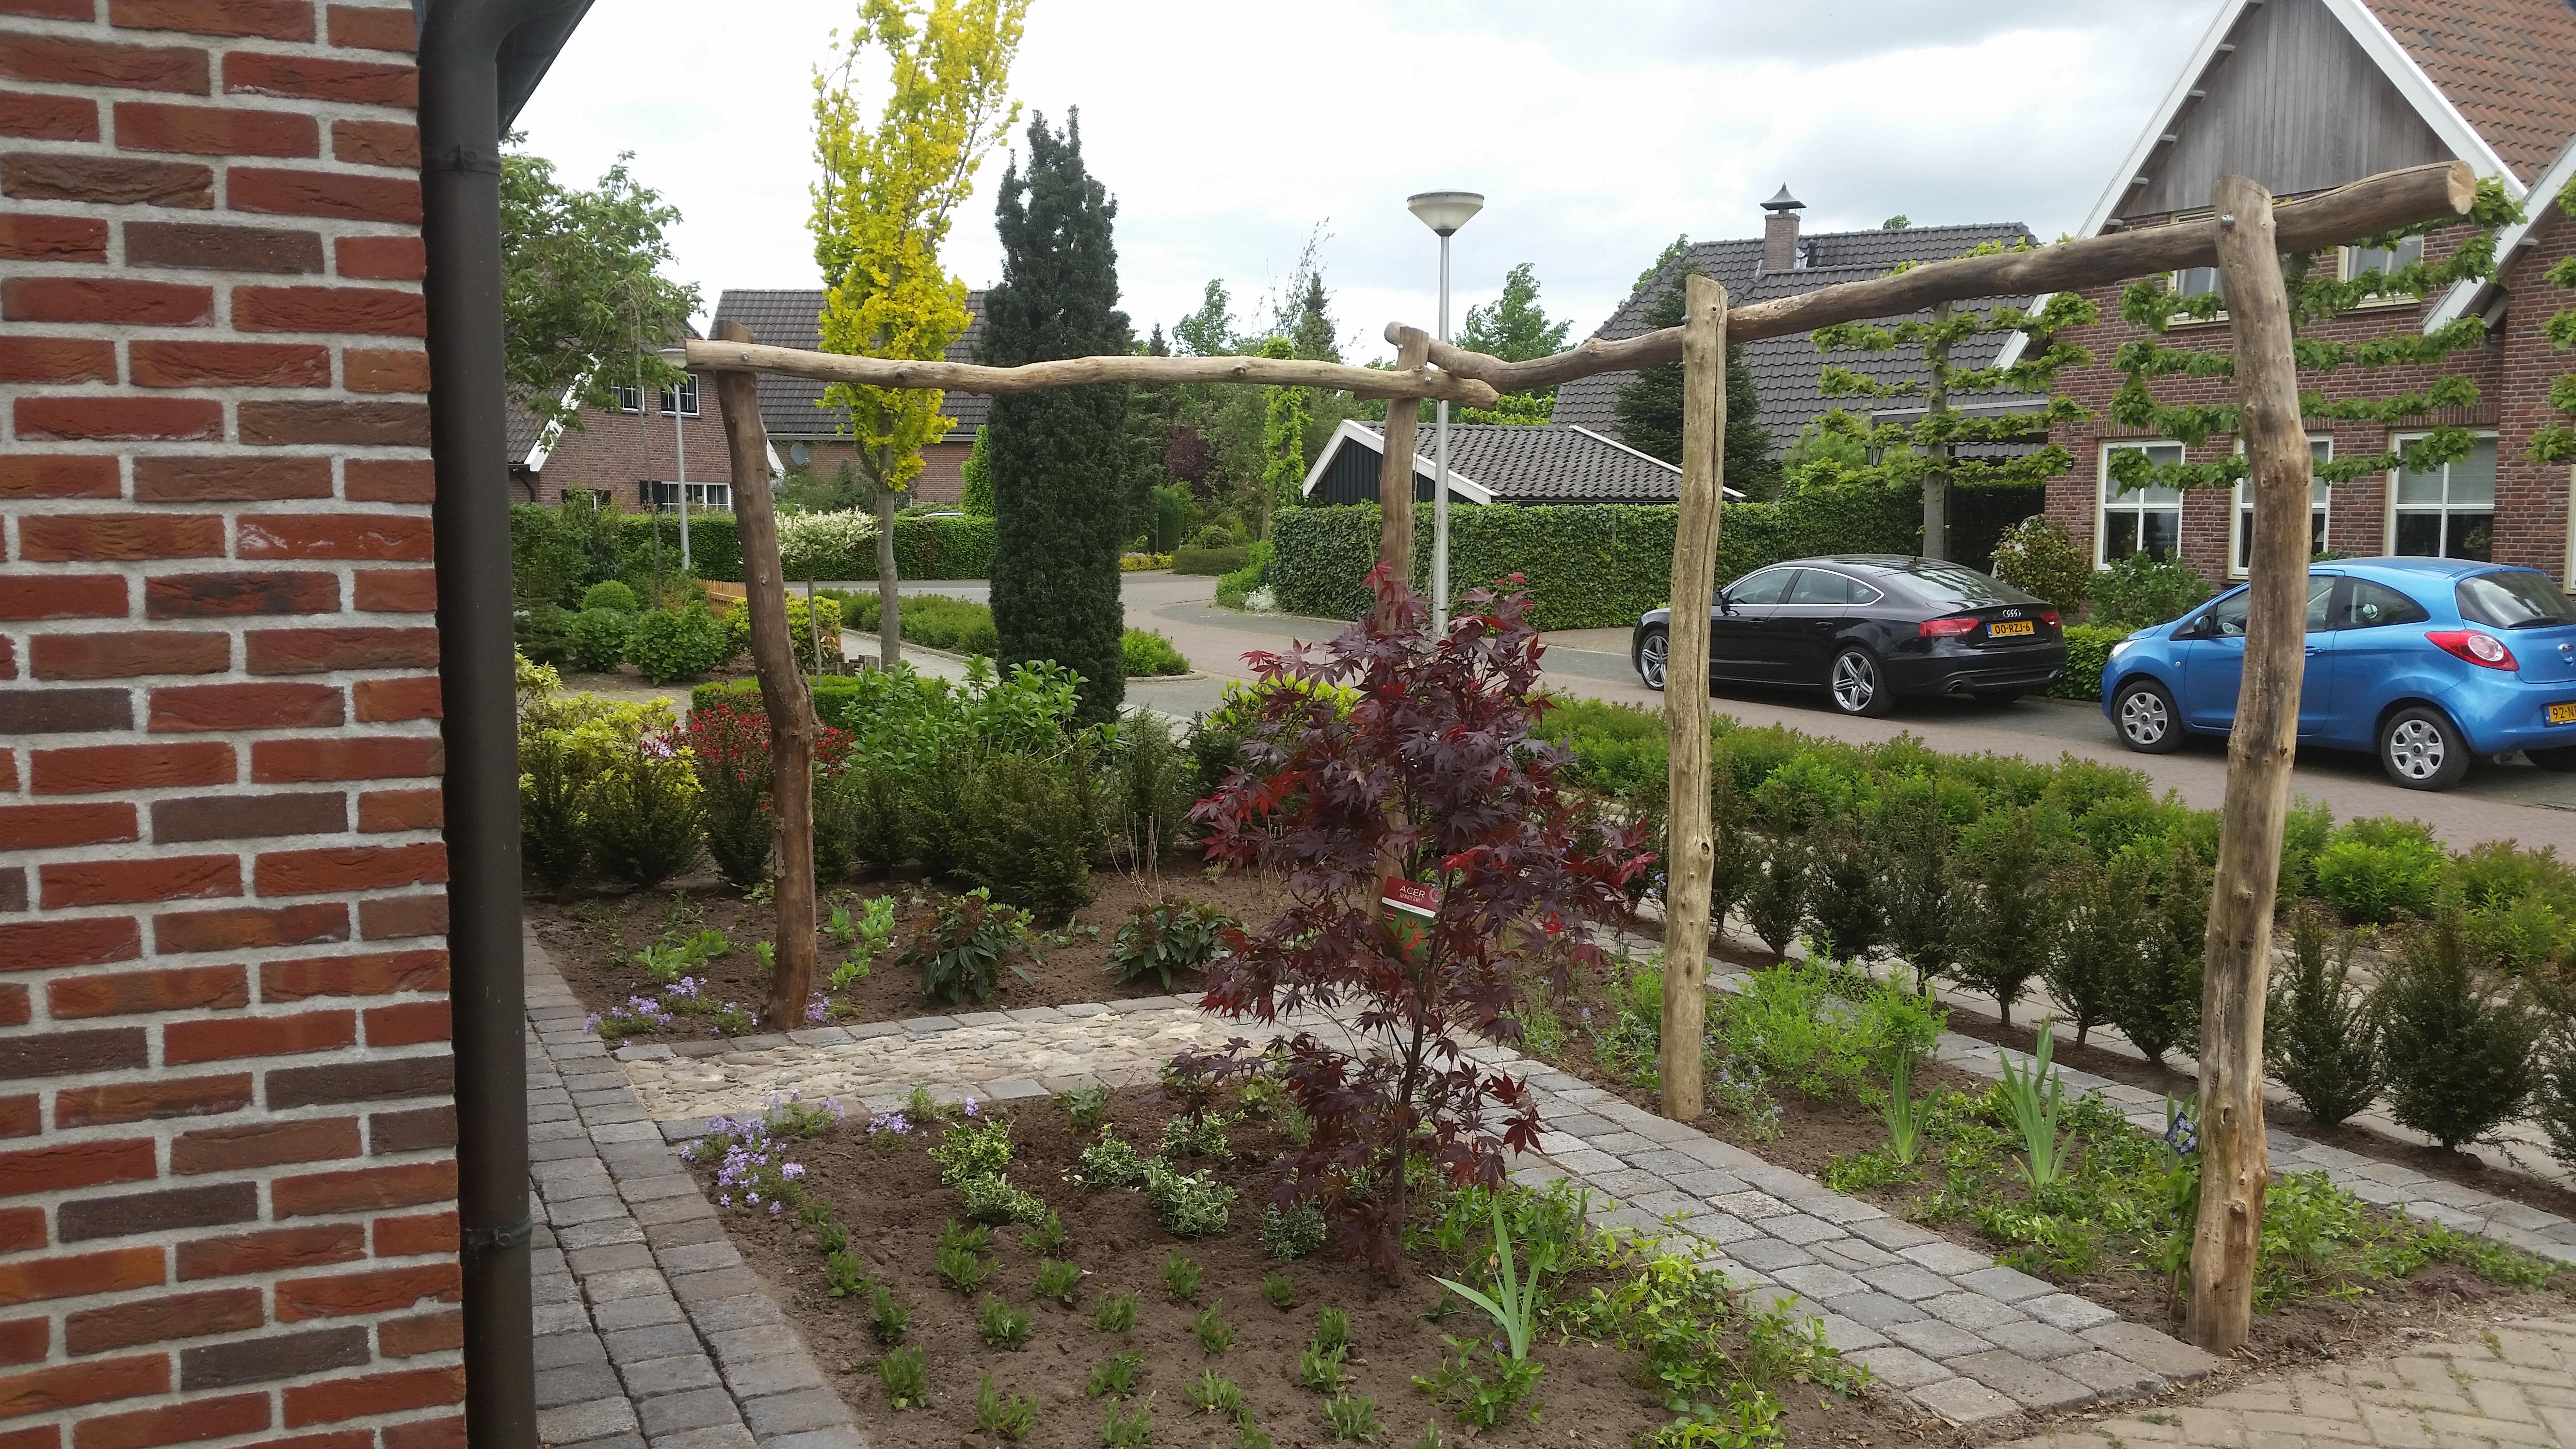 Voortuin Met Oprit : Rekken aanleg voortuin met oprit loman straatwerk en tuinwerk